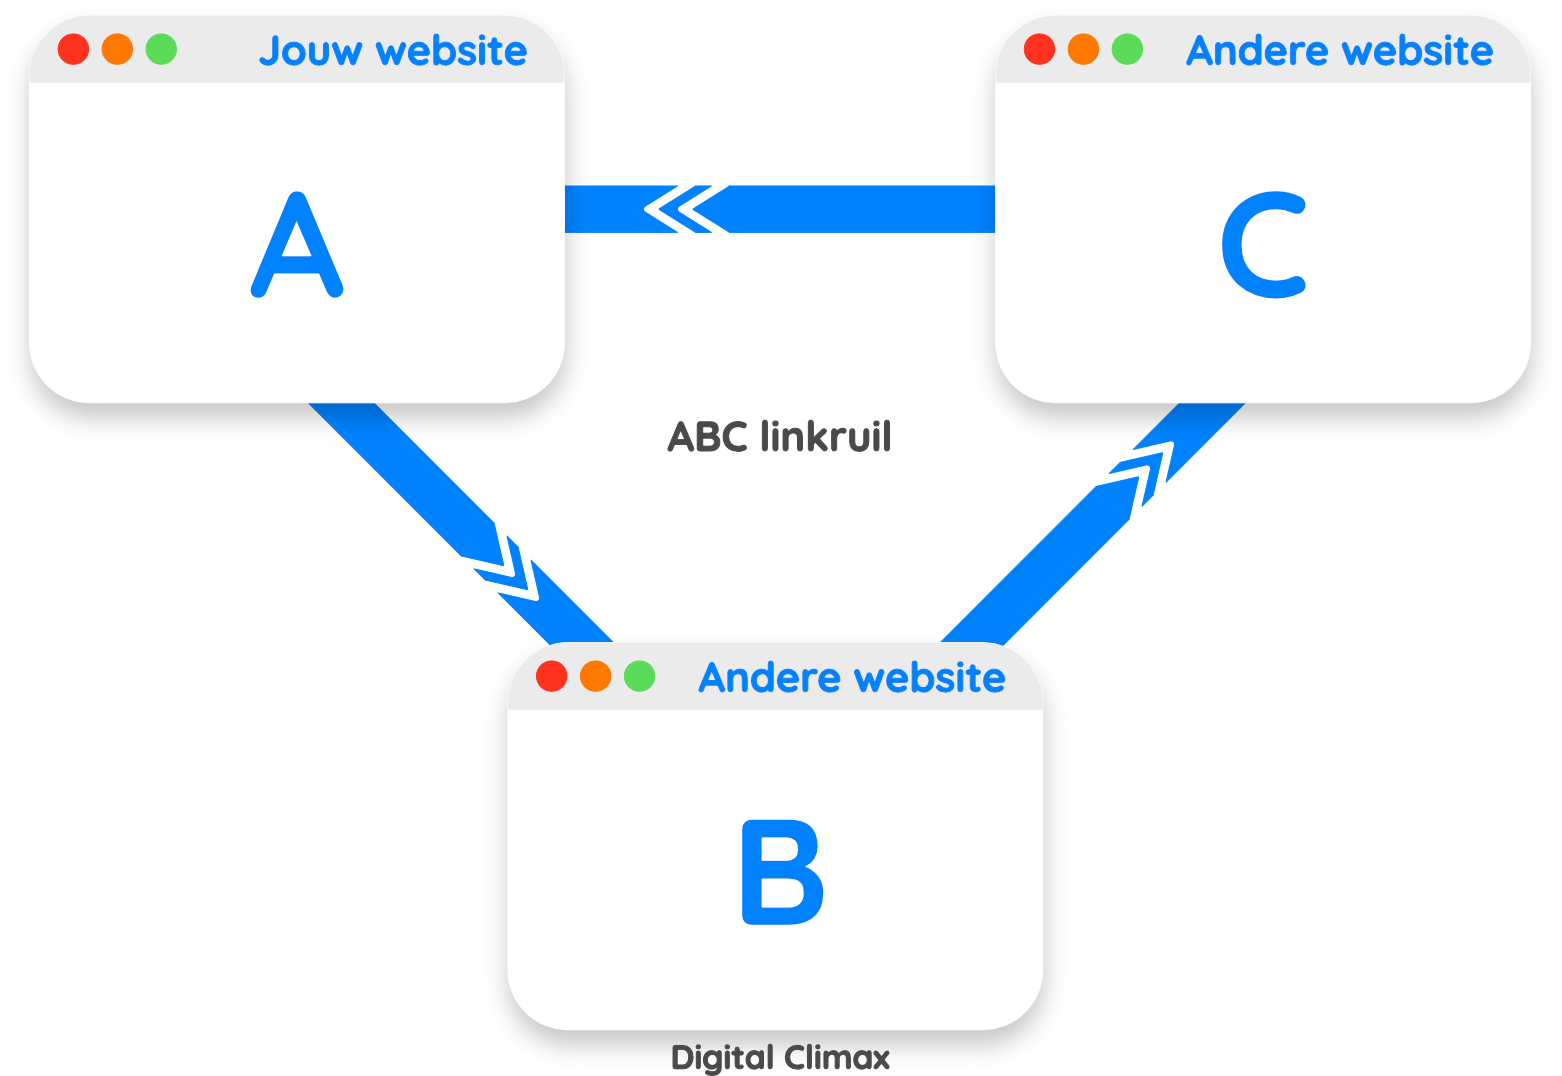 ABC linkruil